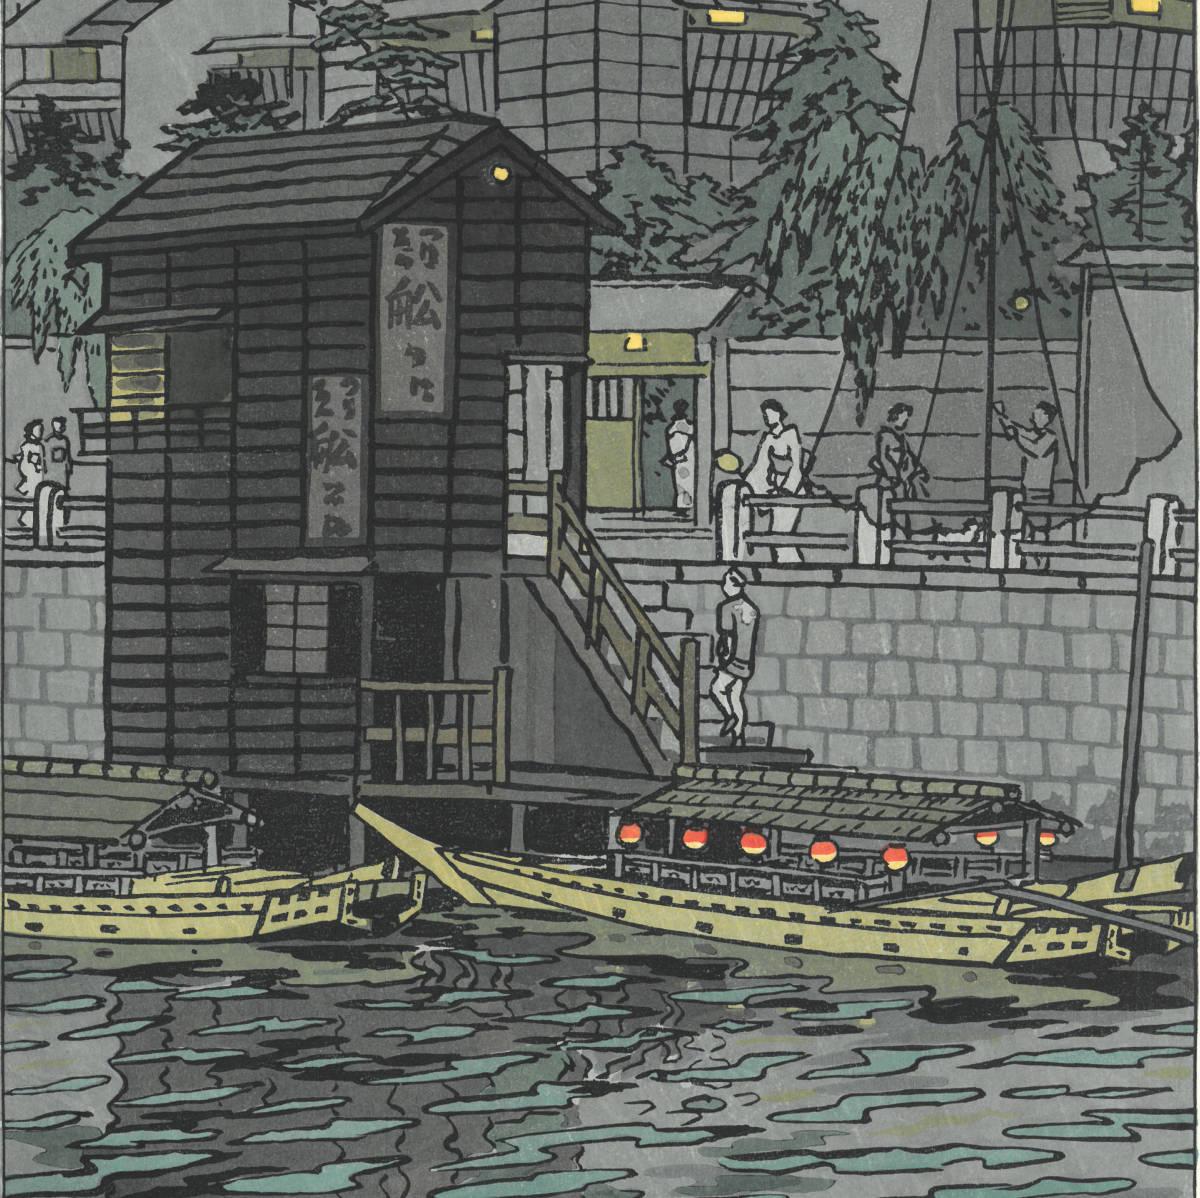 笠松紫浪 (Kasamatsu Shiro) 木版画 sk30 東京八景の内 柳橋付近 新版画  初版昭和中期頃   一流の摺師の技をご堪能下さい!!_画像7